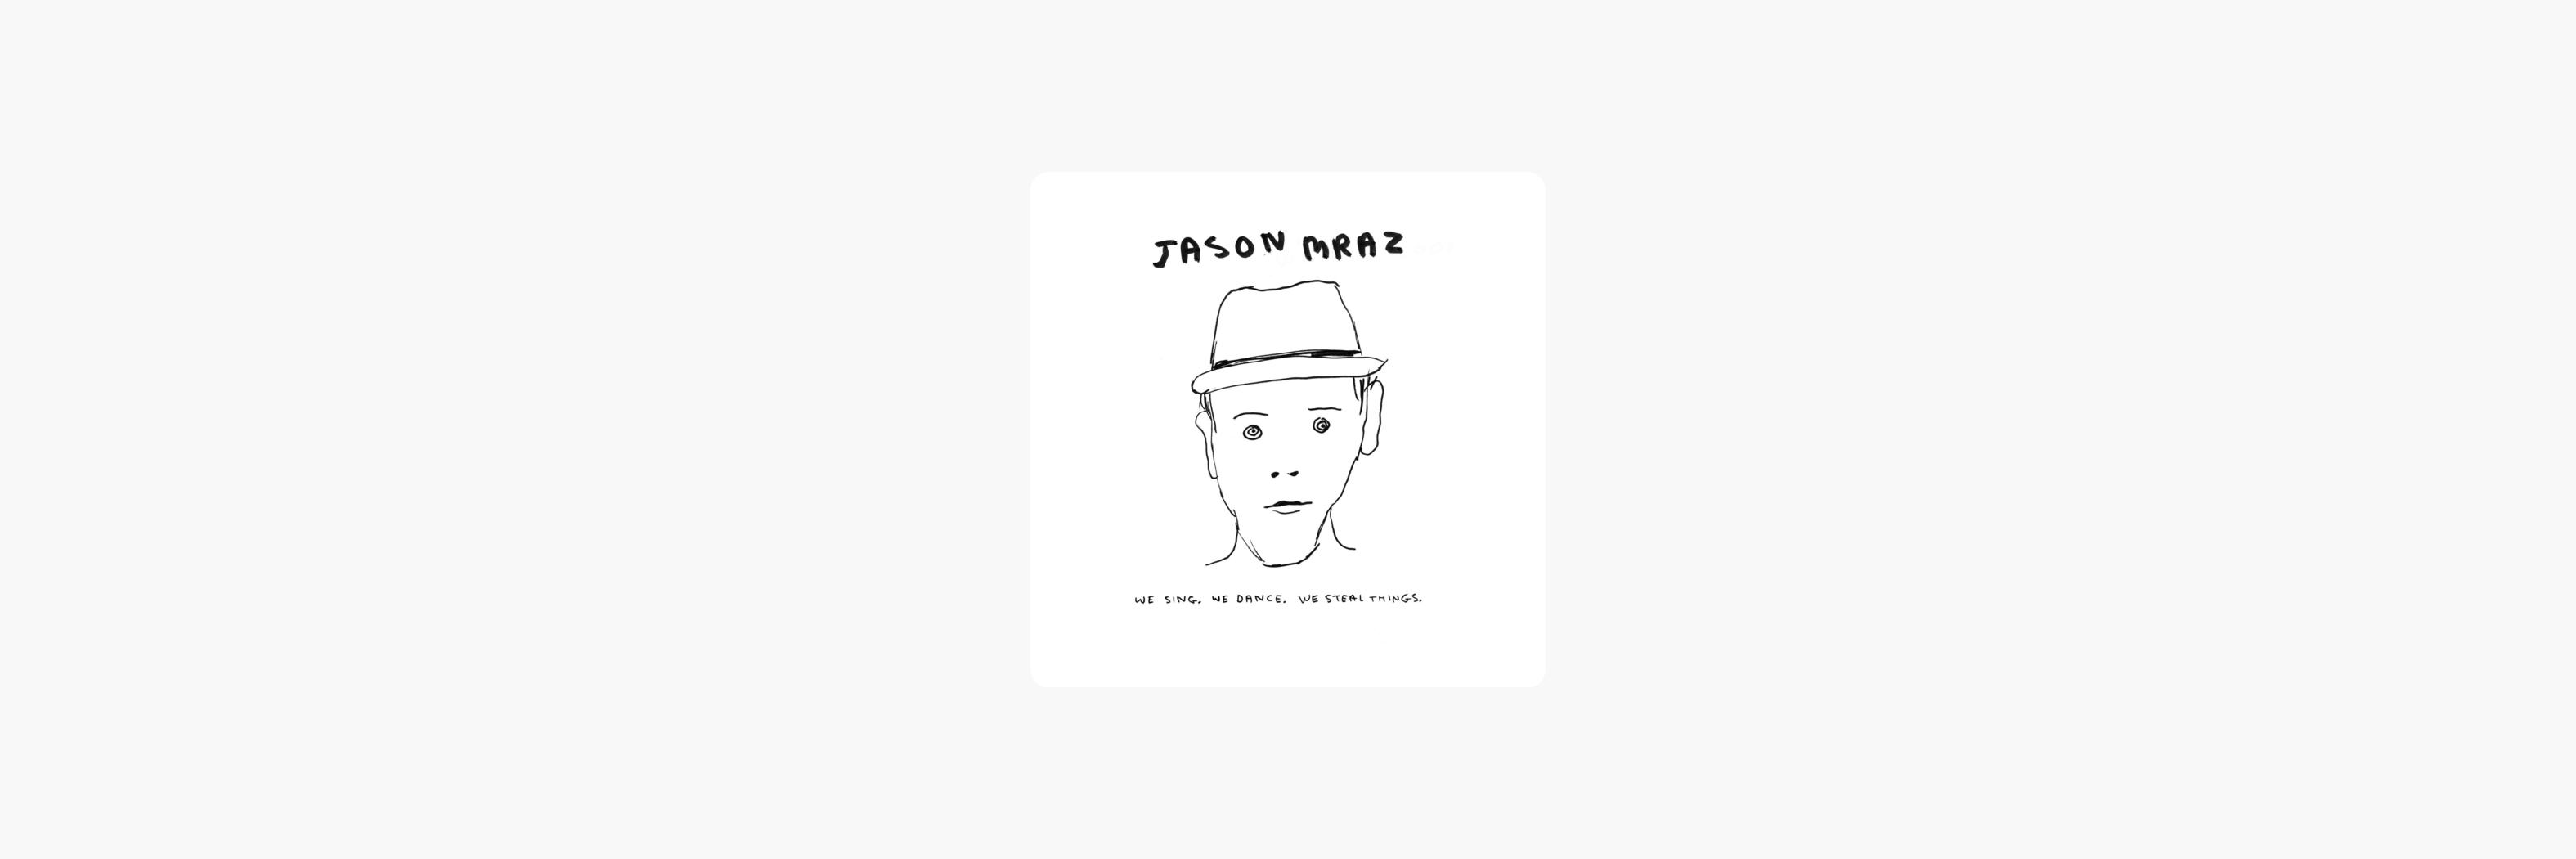 I'm Yours by Jason Mraz on Apple Music Jason mraz